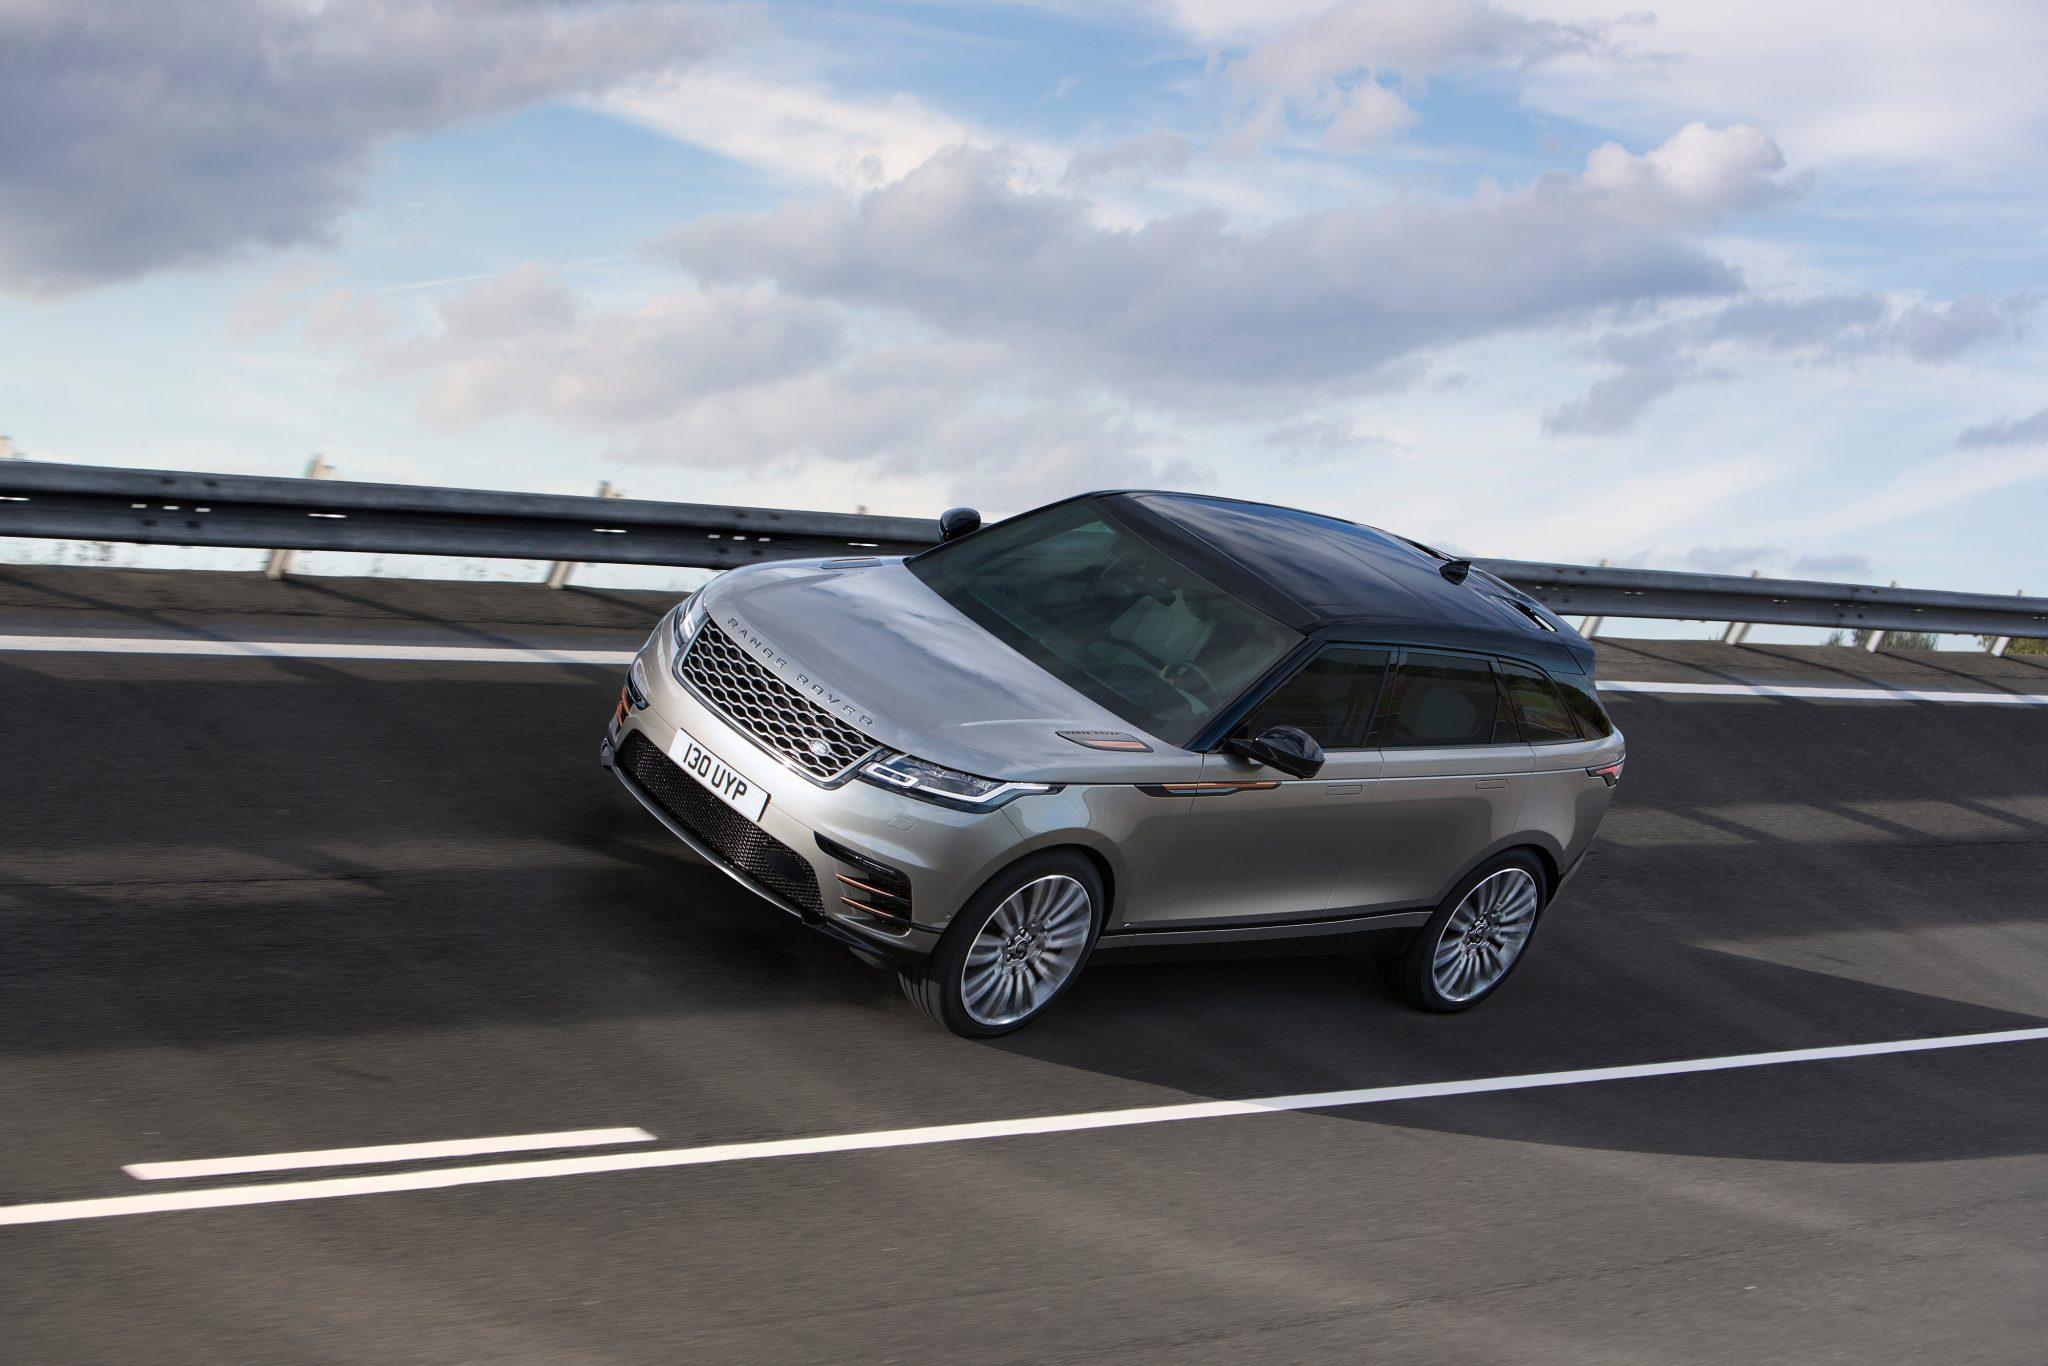 Range Rover Velar bei Auto Stahl auf der Straße